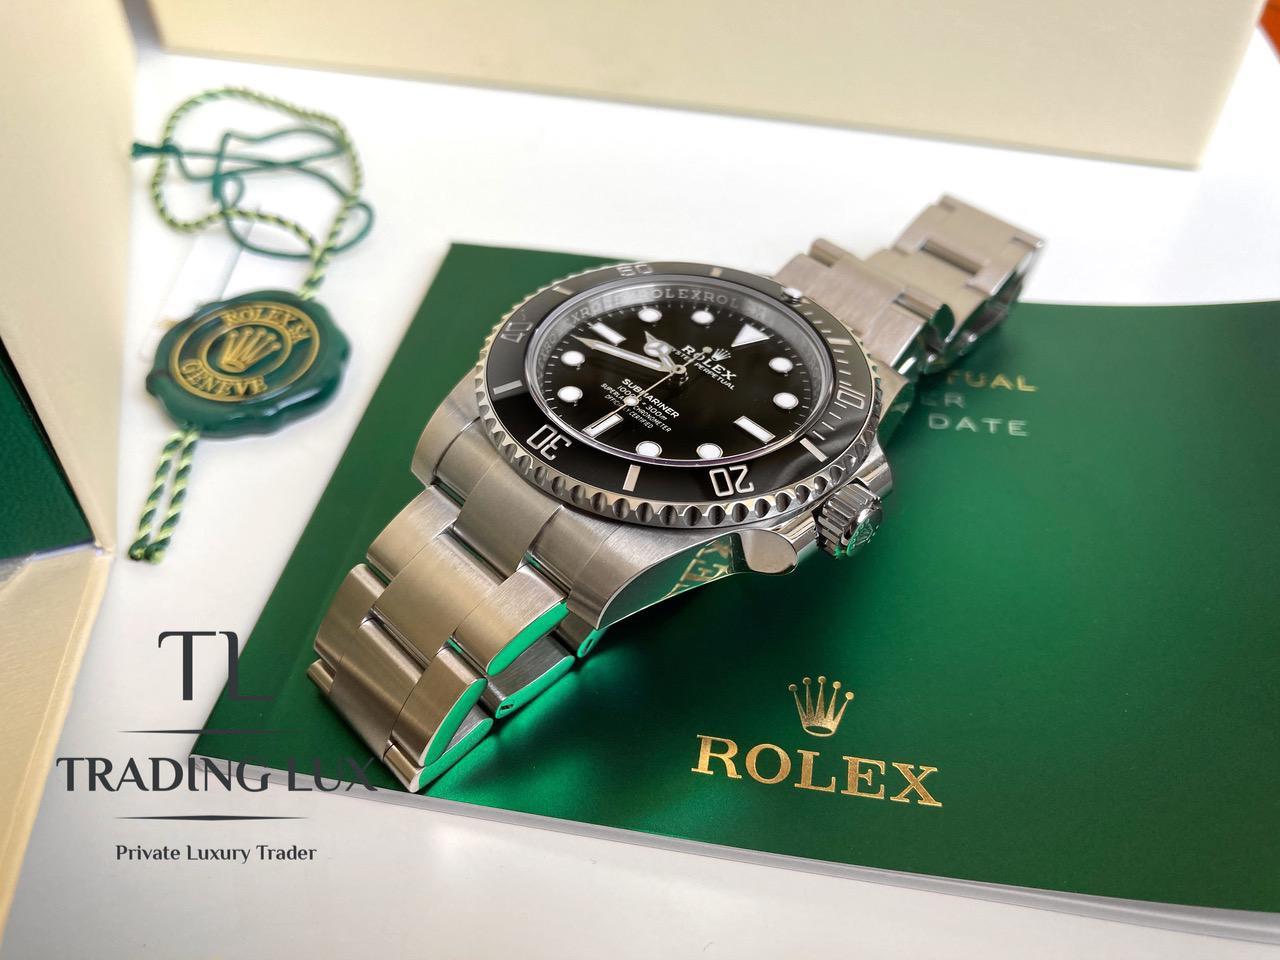 Rolex-Submariner-114060-9